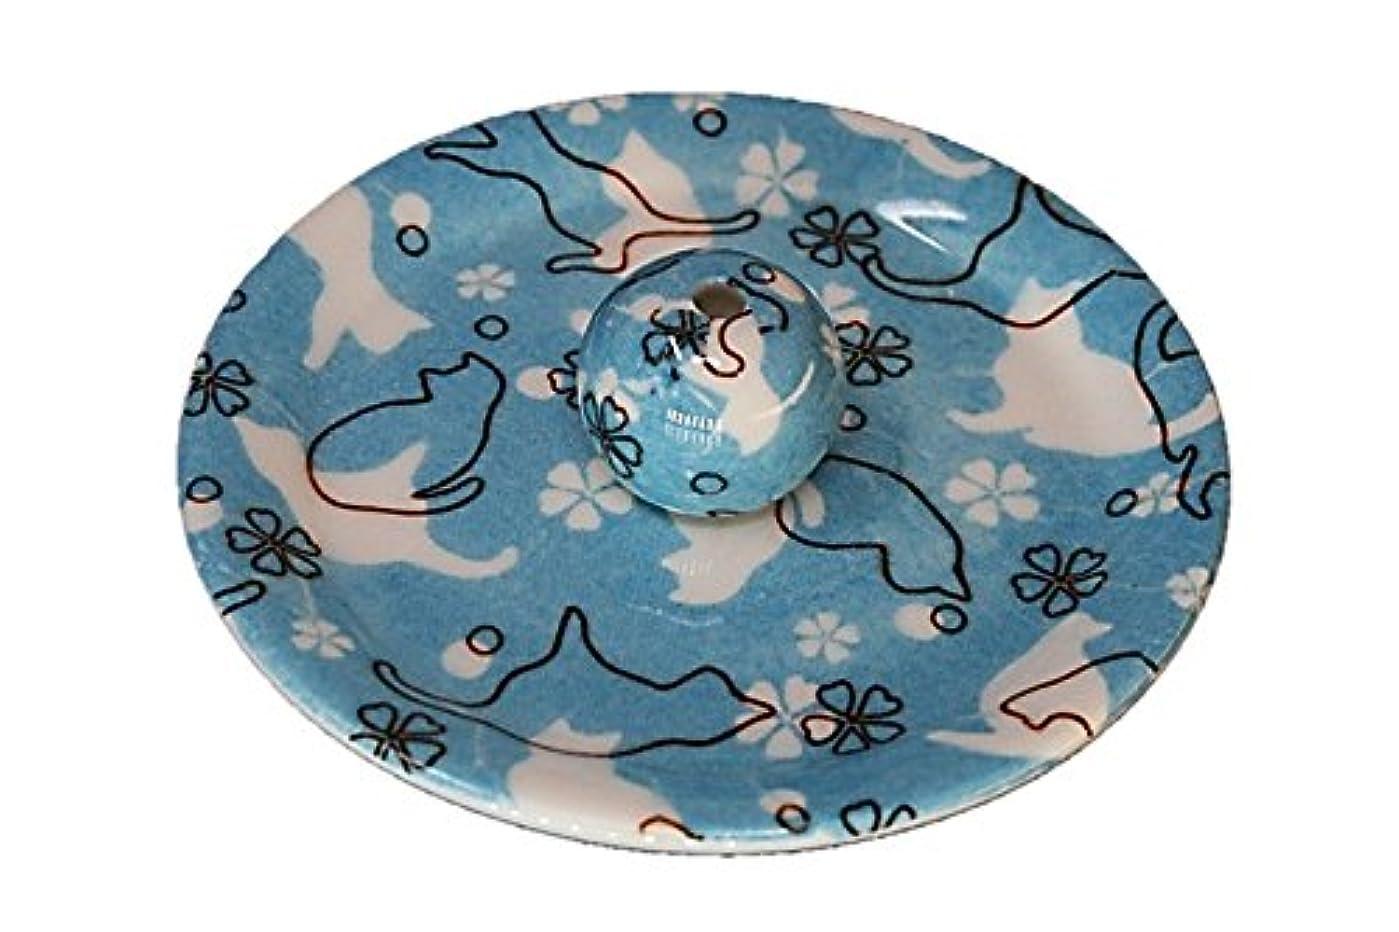 いとこ劇作家生理9-45 ねこランド(ブルー) 9cm香皿 日本製 お香立て 陶器 猫柄